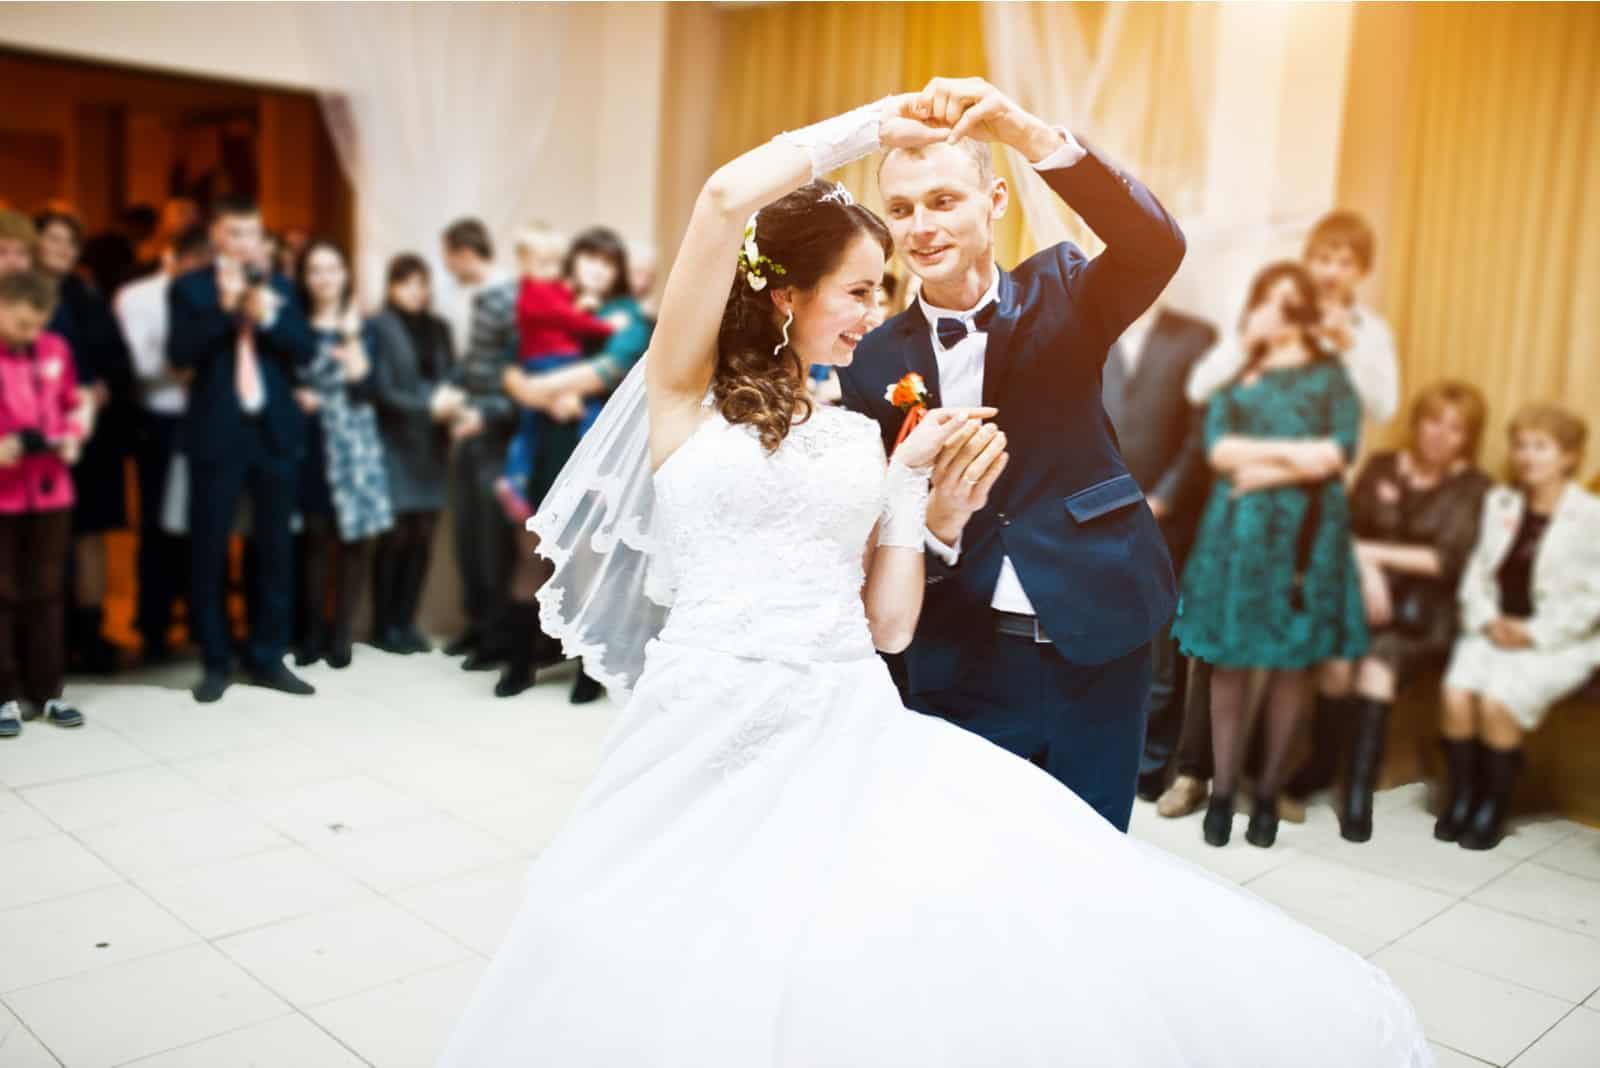 Erster Hochzeitstanz des Hochzeitspaares im Restaurant